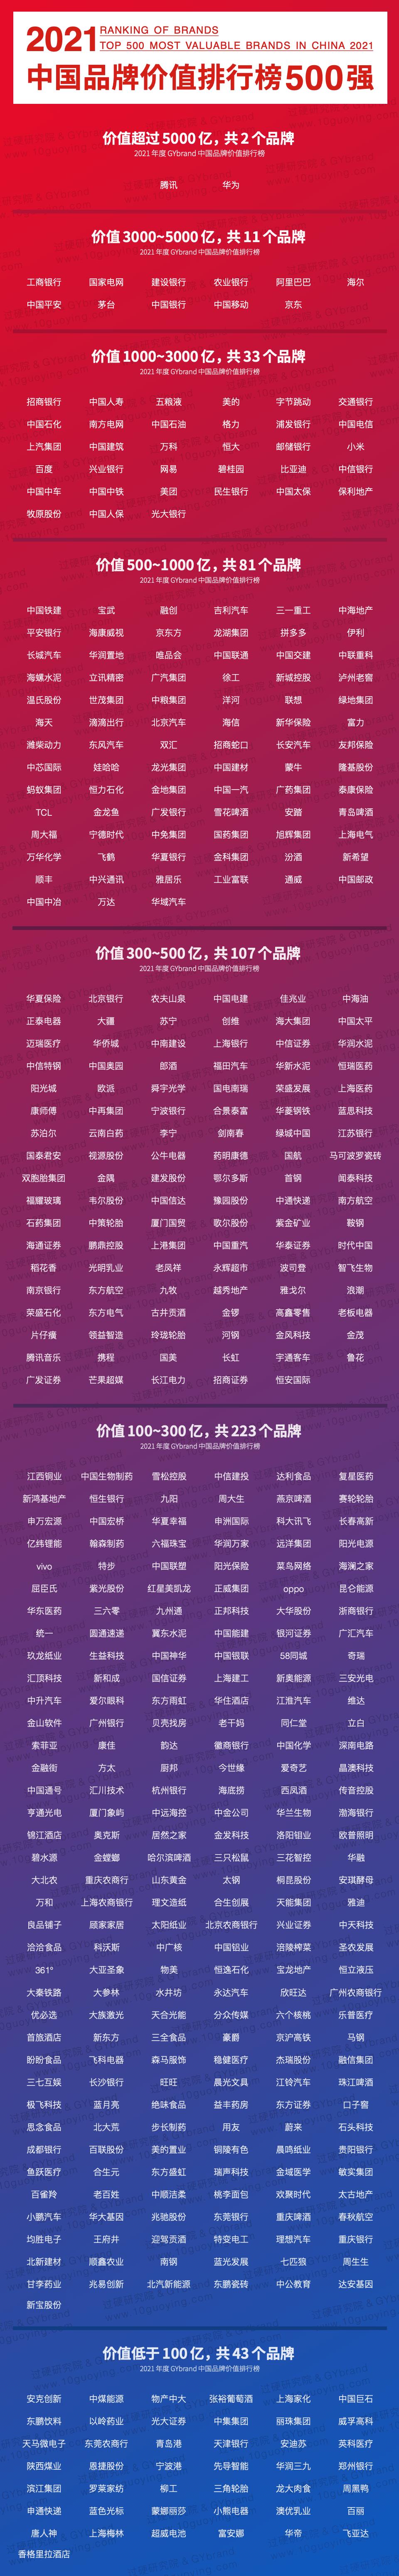 2021中国品牌价值500强排行榜完整名单